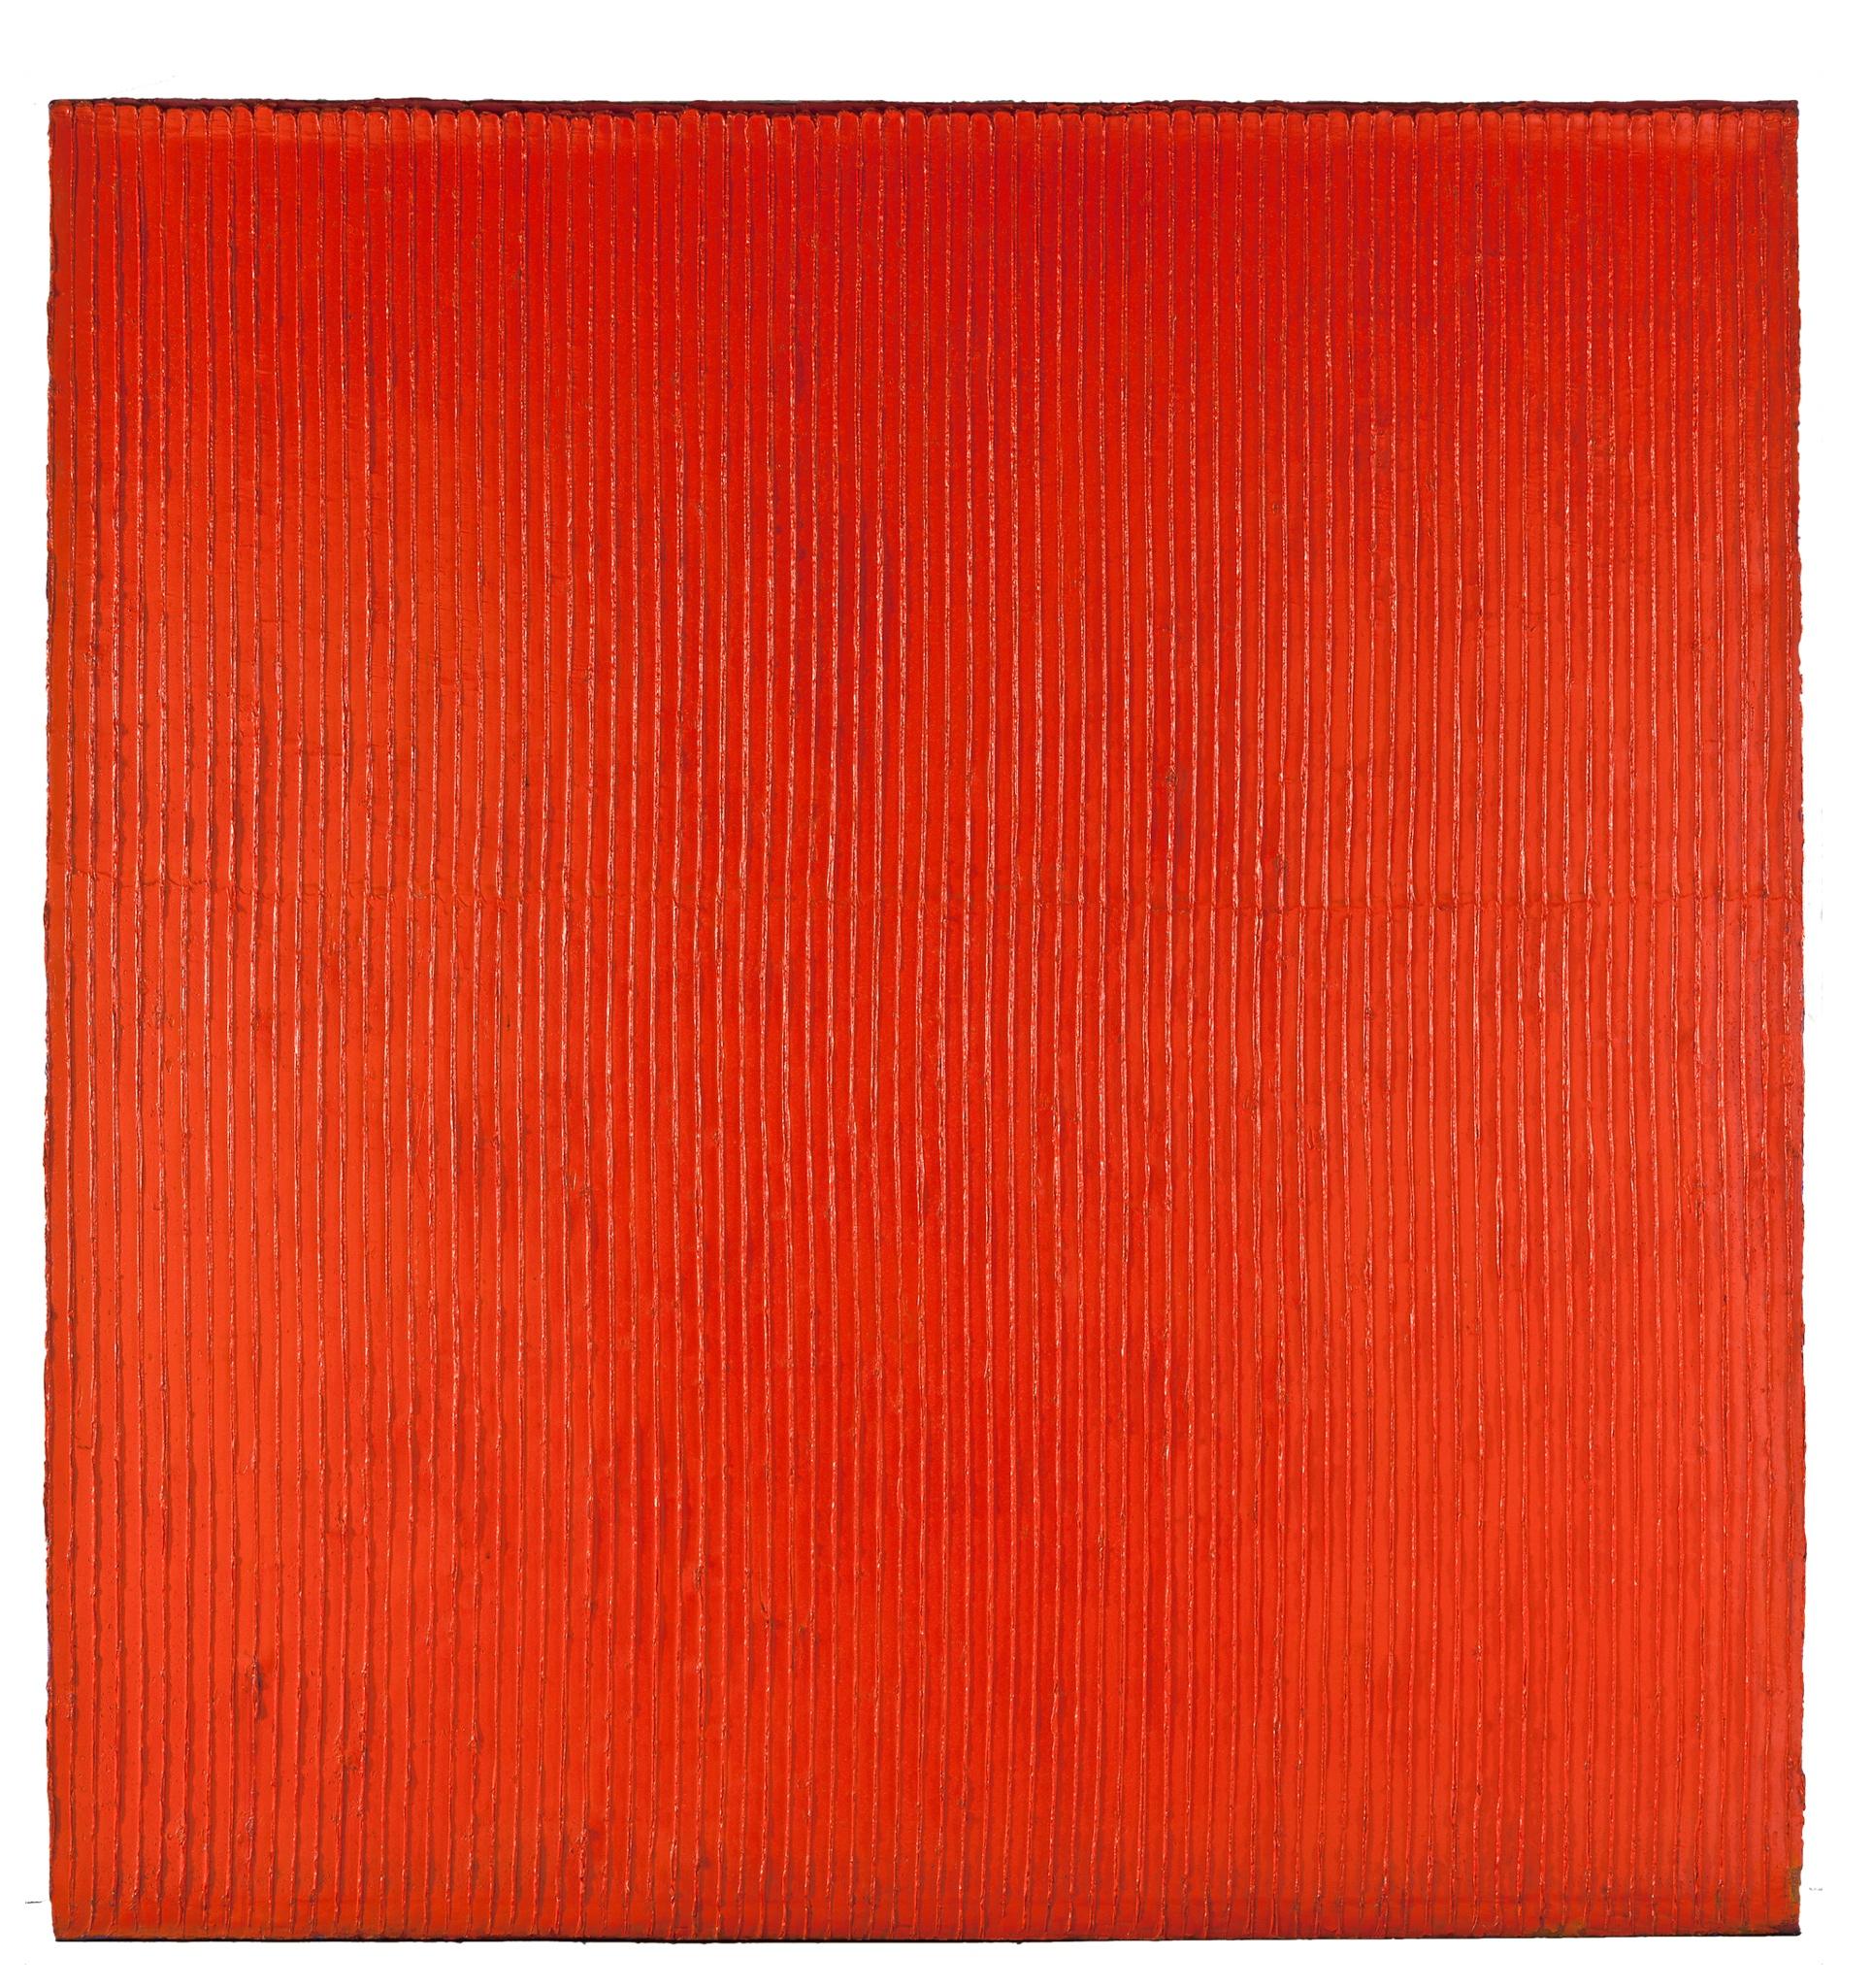 Rolf Rose, 210 x 200 cm, Öl auf Leinwand